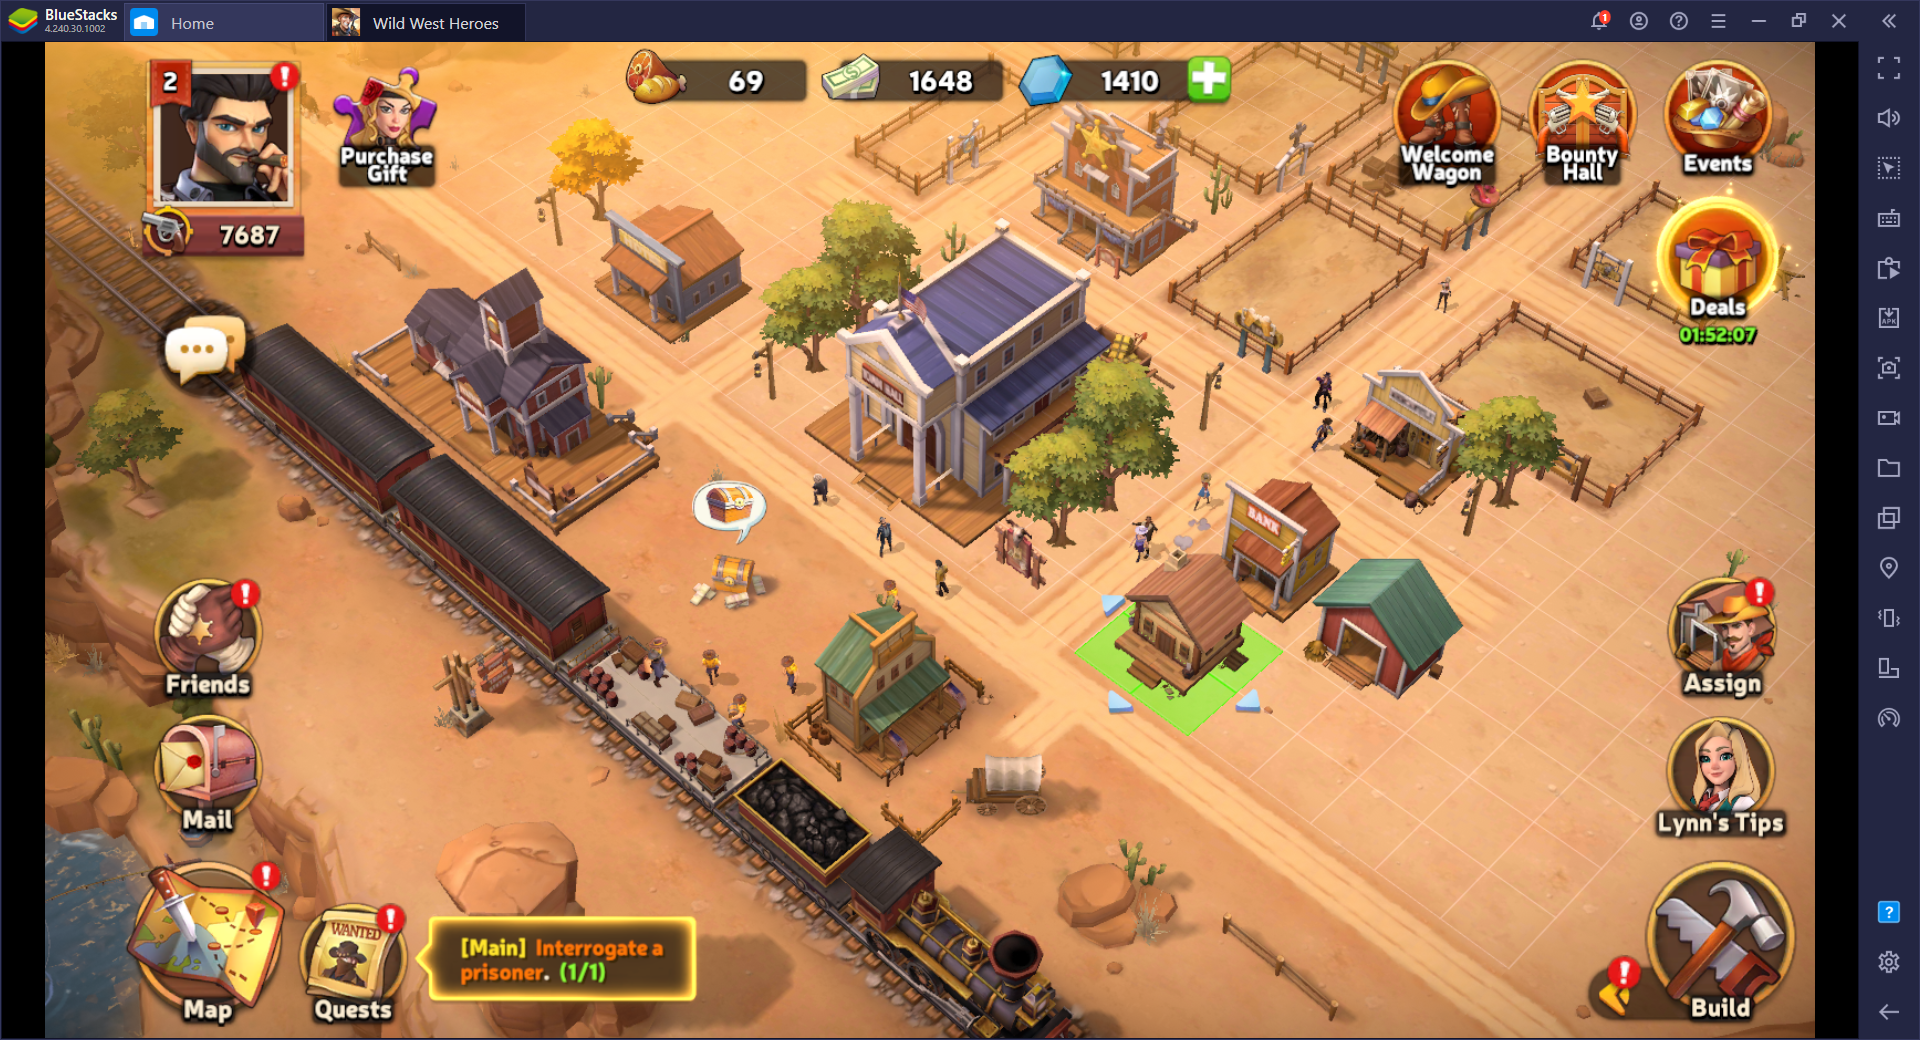 Selamatkan Wild West – Cara Main Wild West Heroes di PC dengan BlueStacks